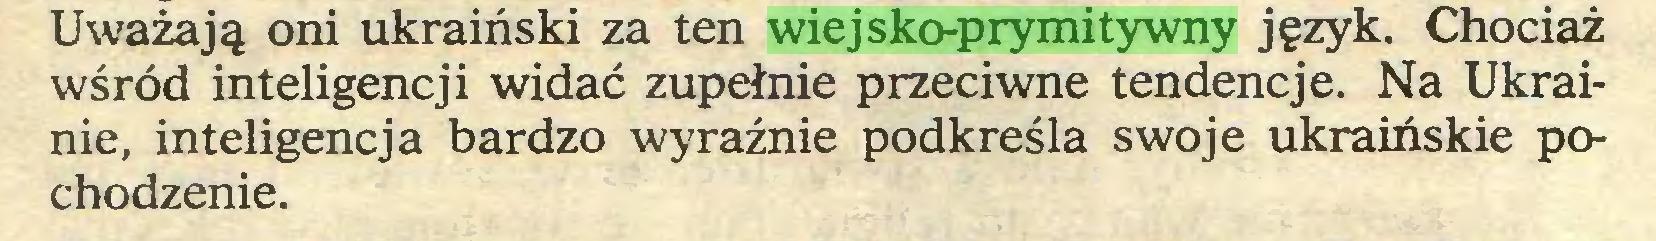 (...) Uważają oni ukraiński za ten wiejsko-prymitywny język. Chociaż wśród inteligencji widać zupełnie przeciwne tendencje. Na Ukrainie, inteligencja bardzo wyraźnie podkreśla swoje ukraińskie pochodzenie...